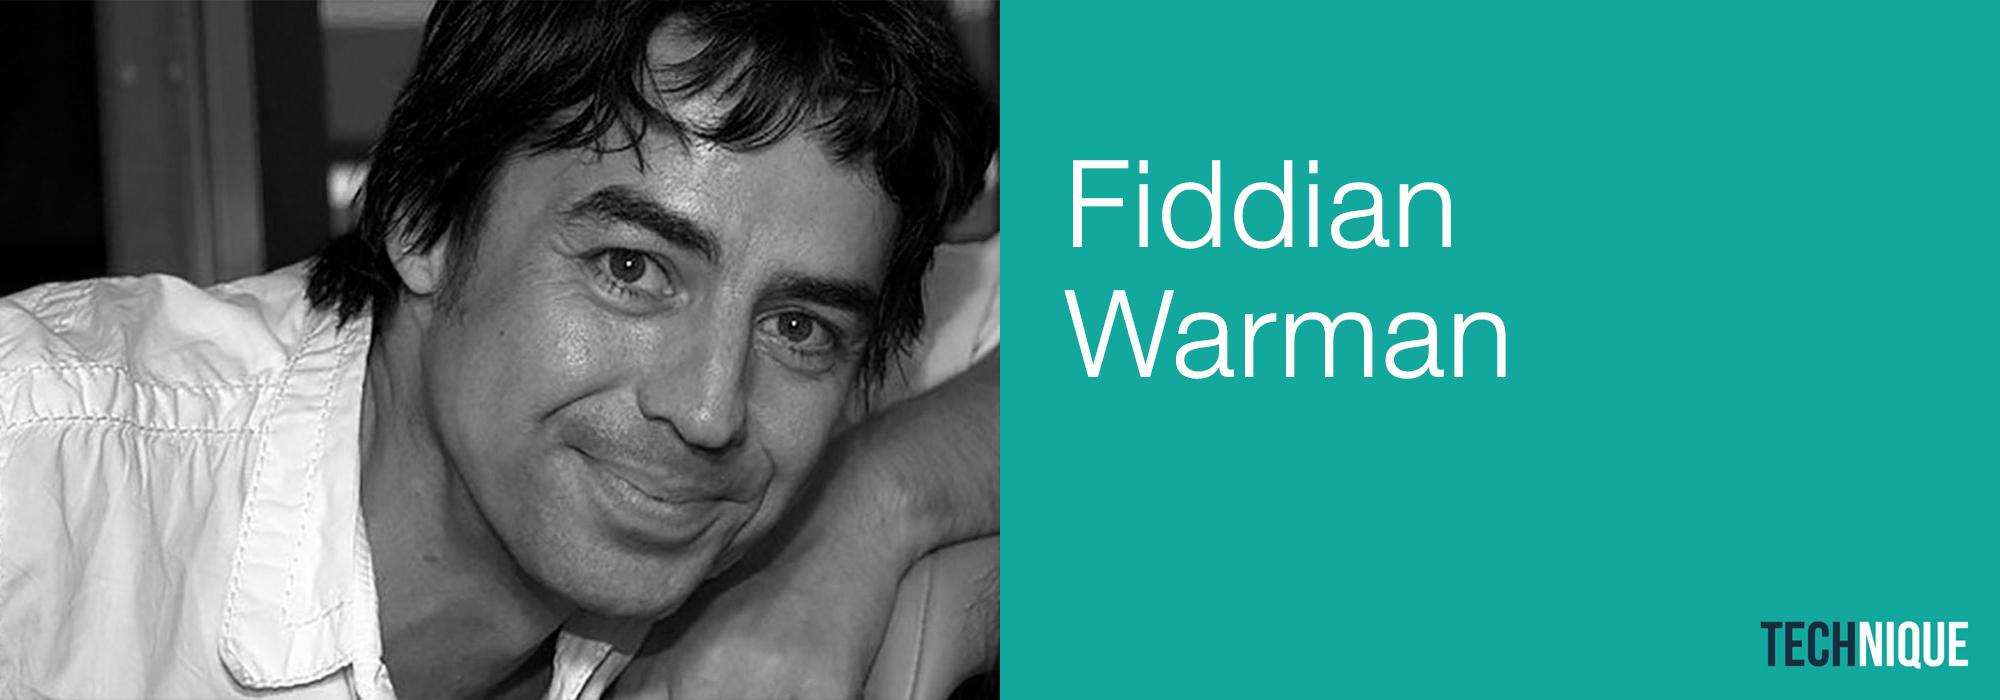 Fiddian